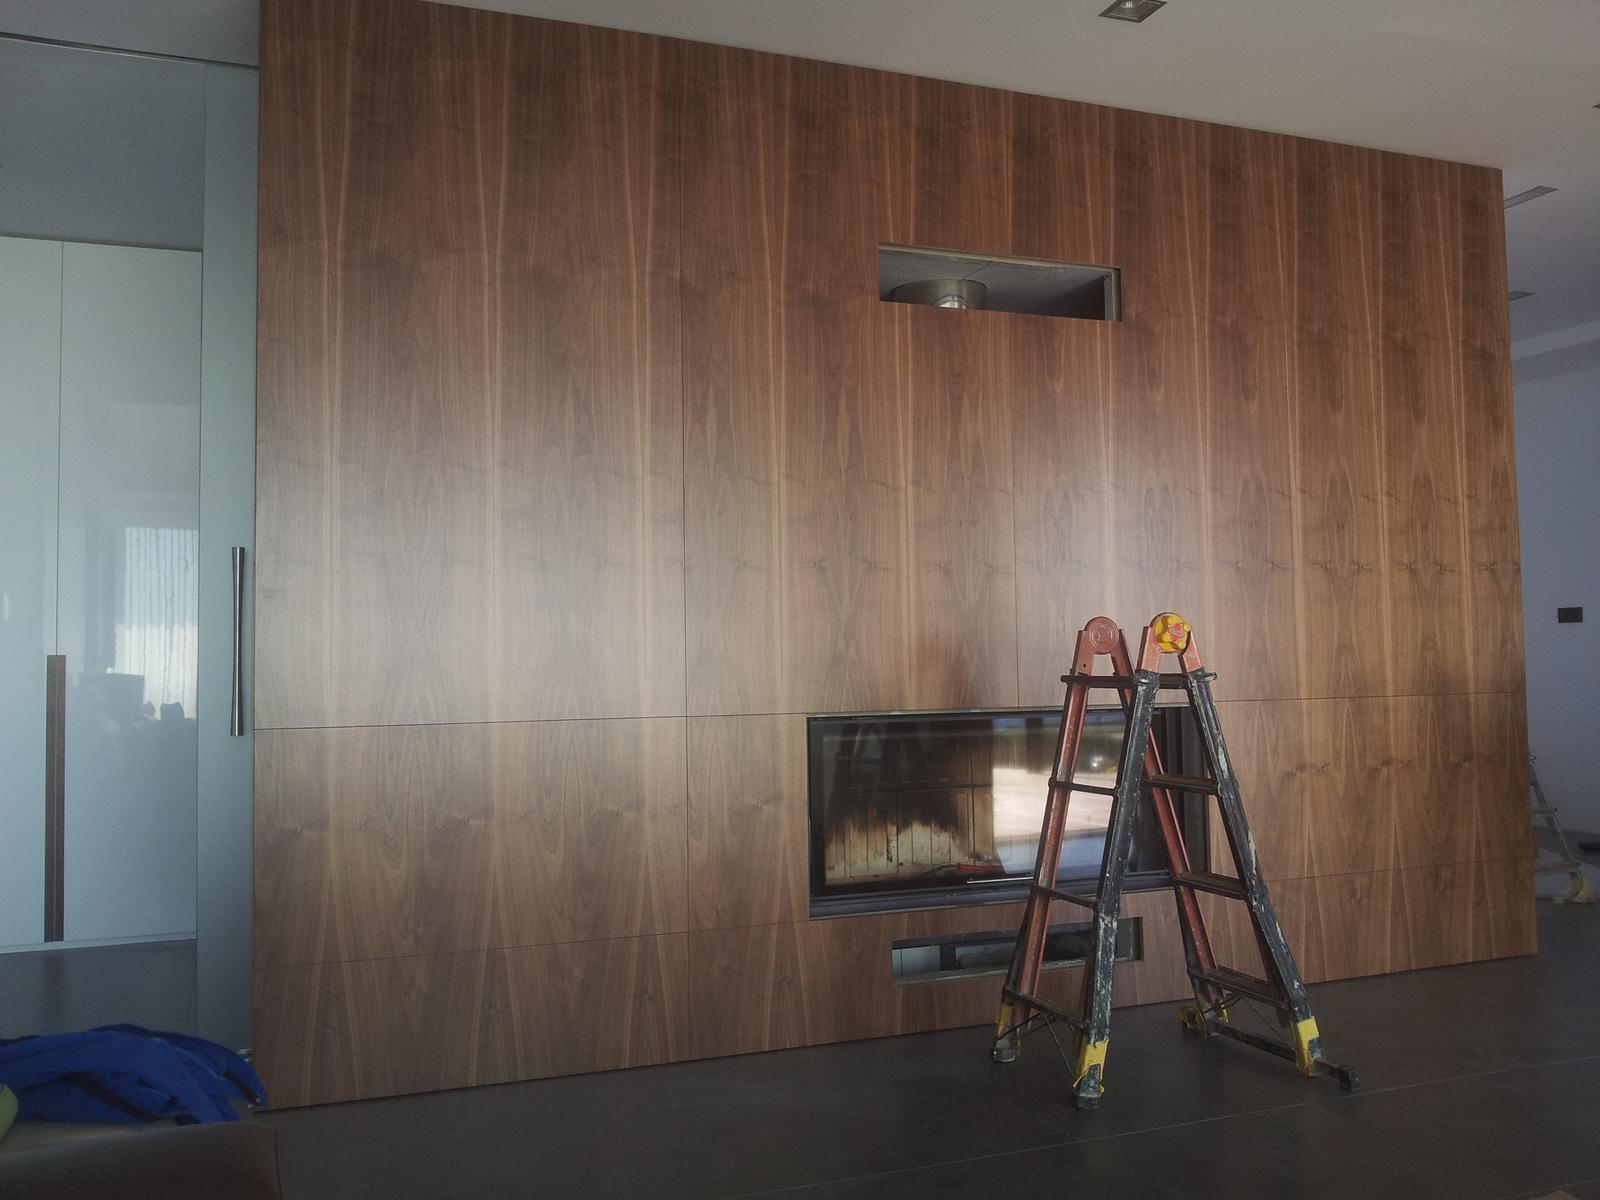 Dizajn a výroba nábytku na mieru Cubica - Drevený obklad - dýha prírodný orech